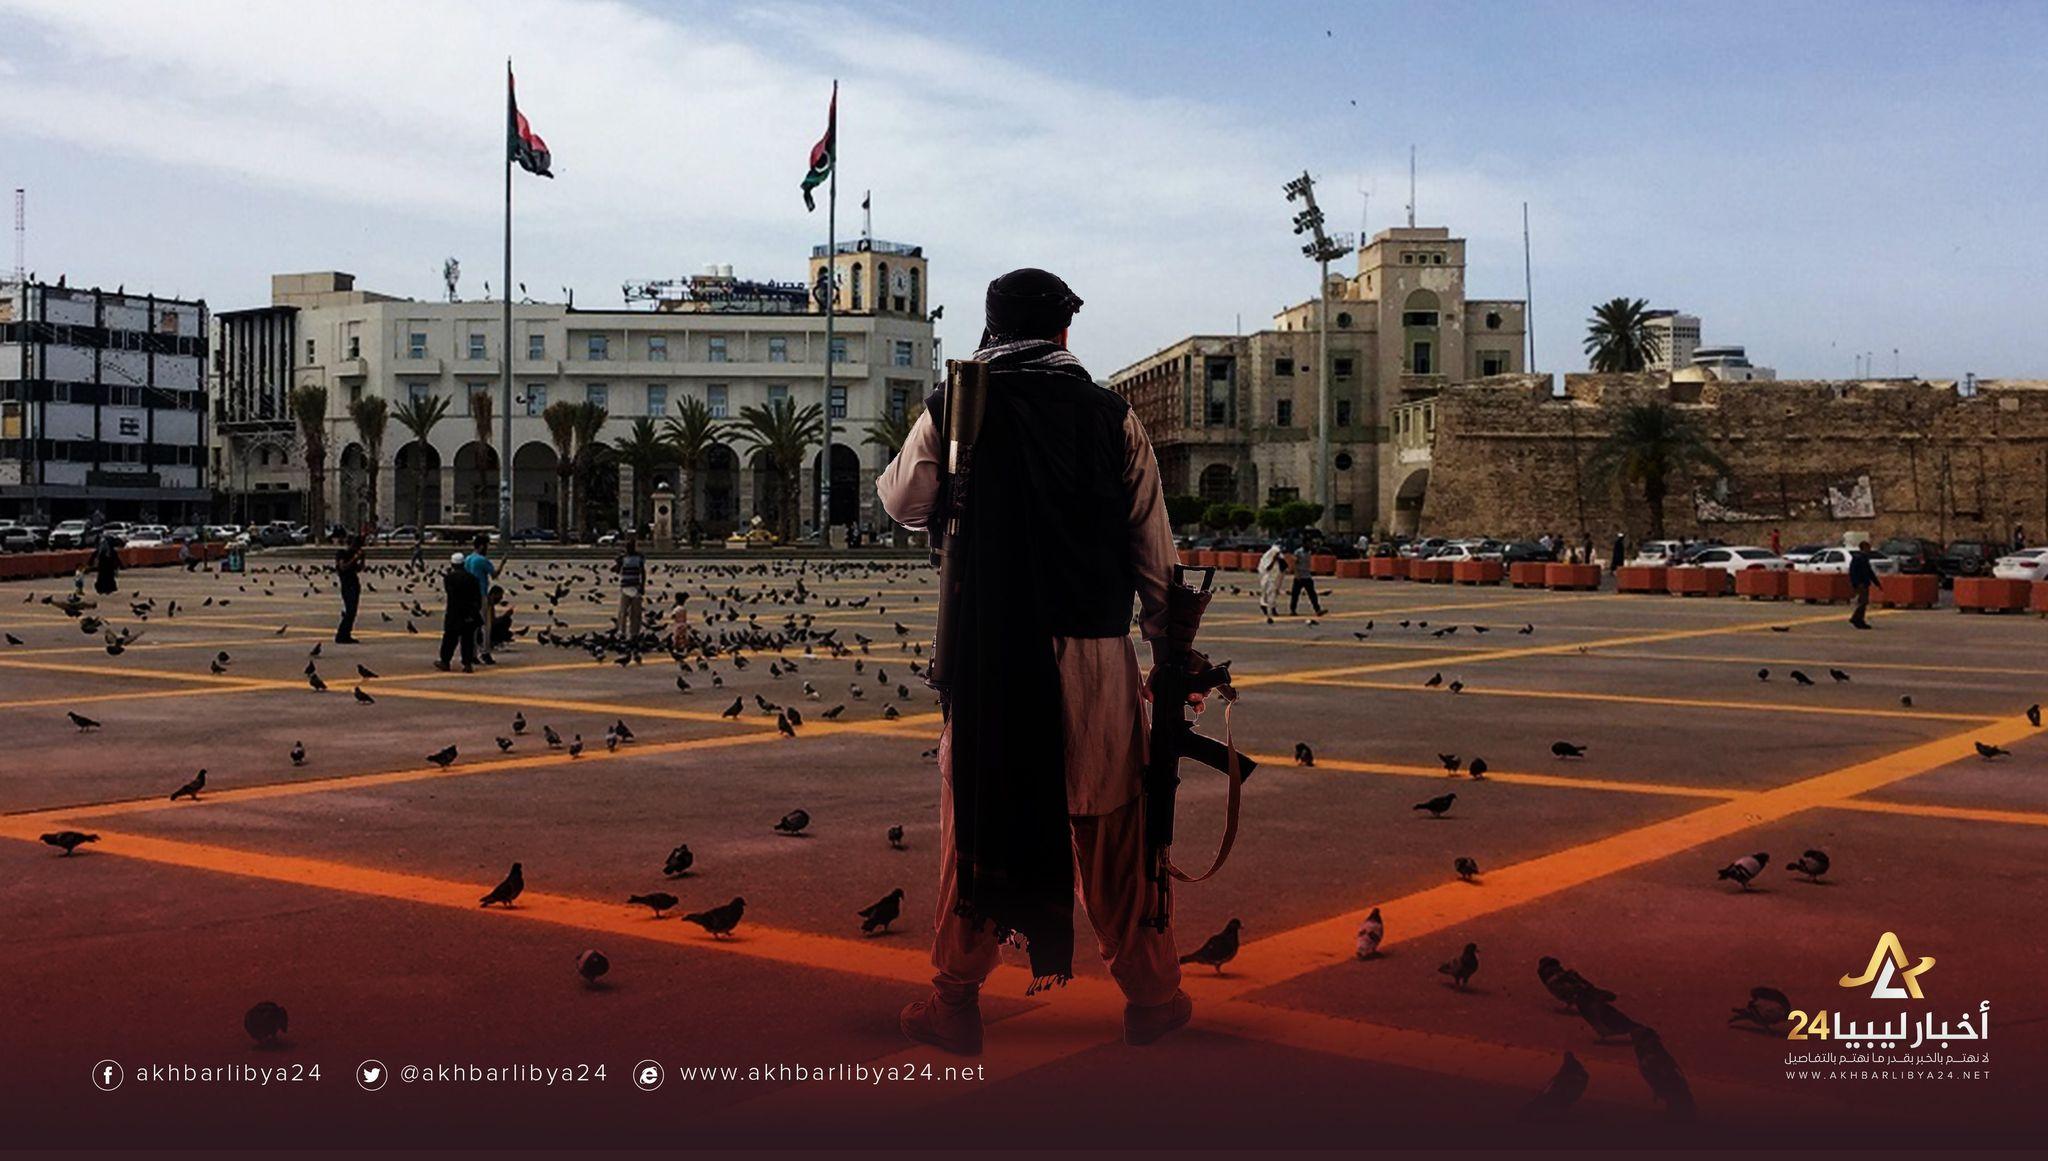 صورة طرابلس.. إحدى المدن التي كانت ولازالت تعاني من بطش الإرهاب